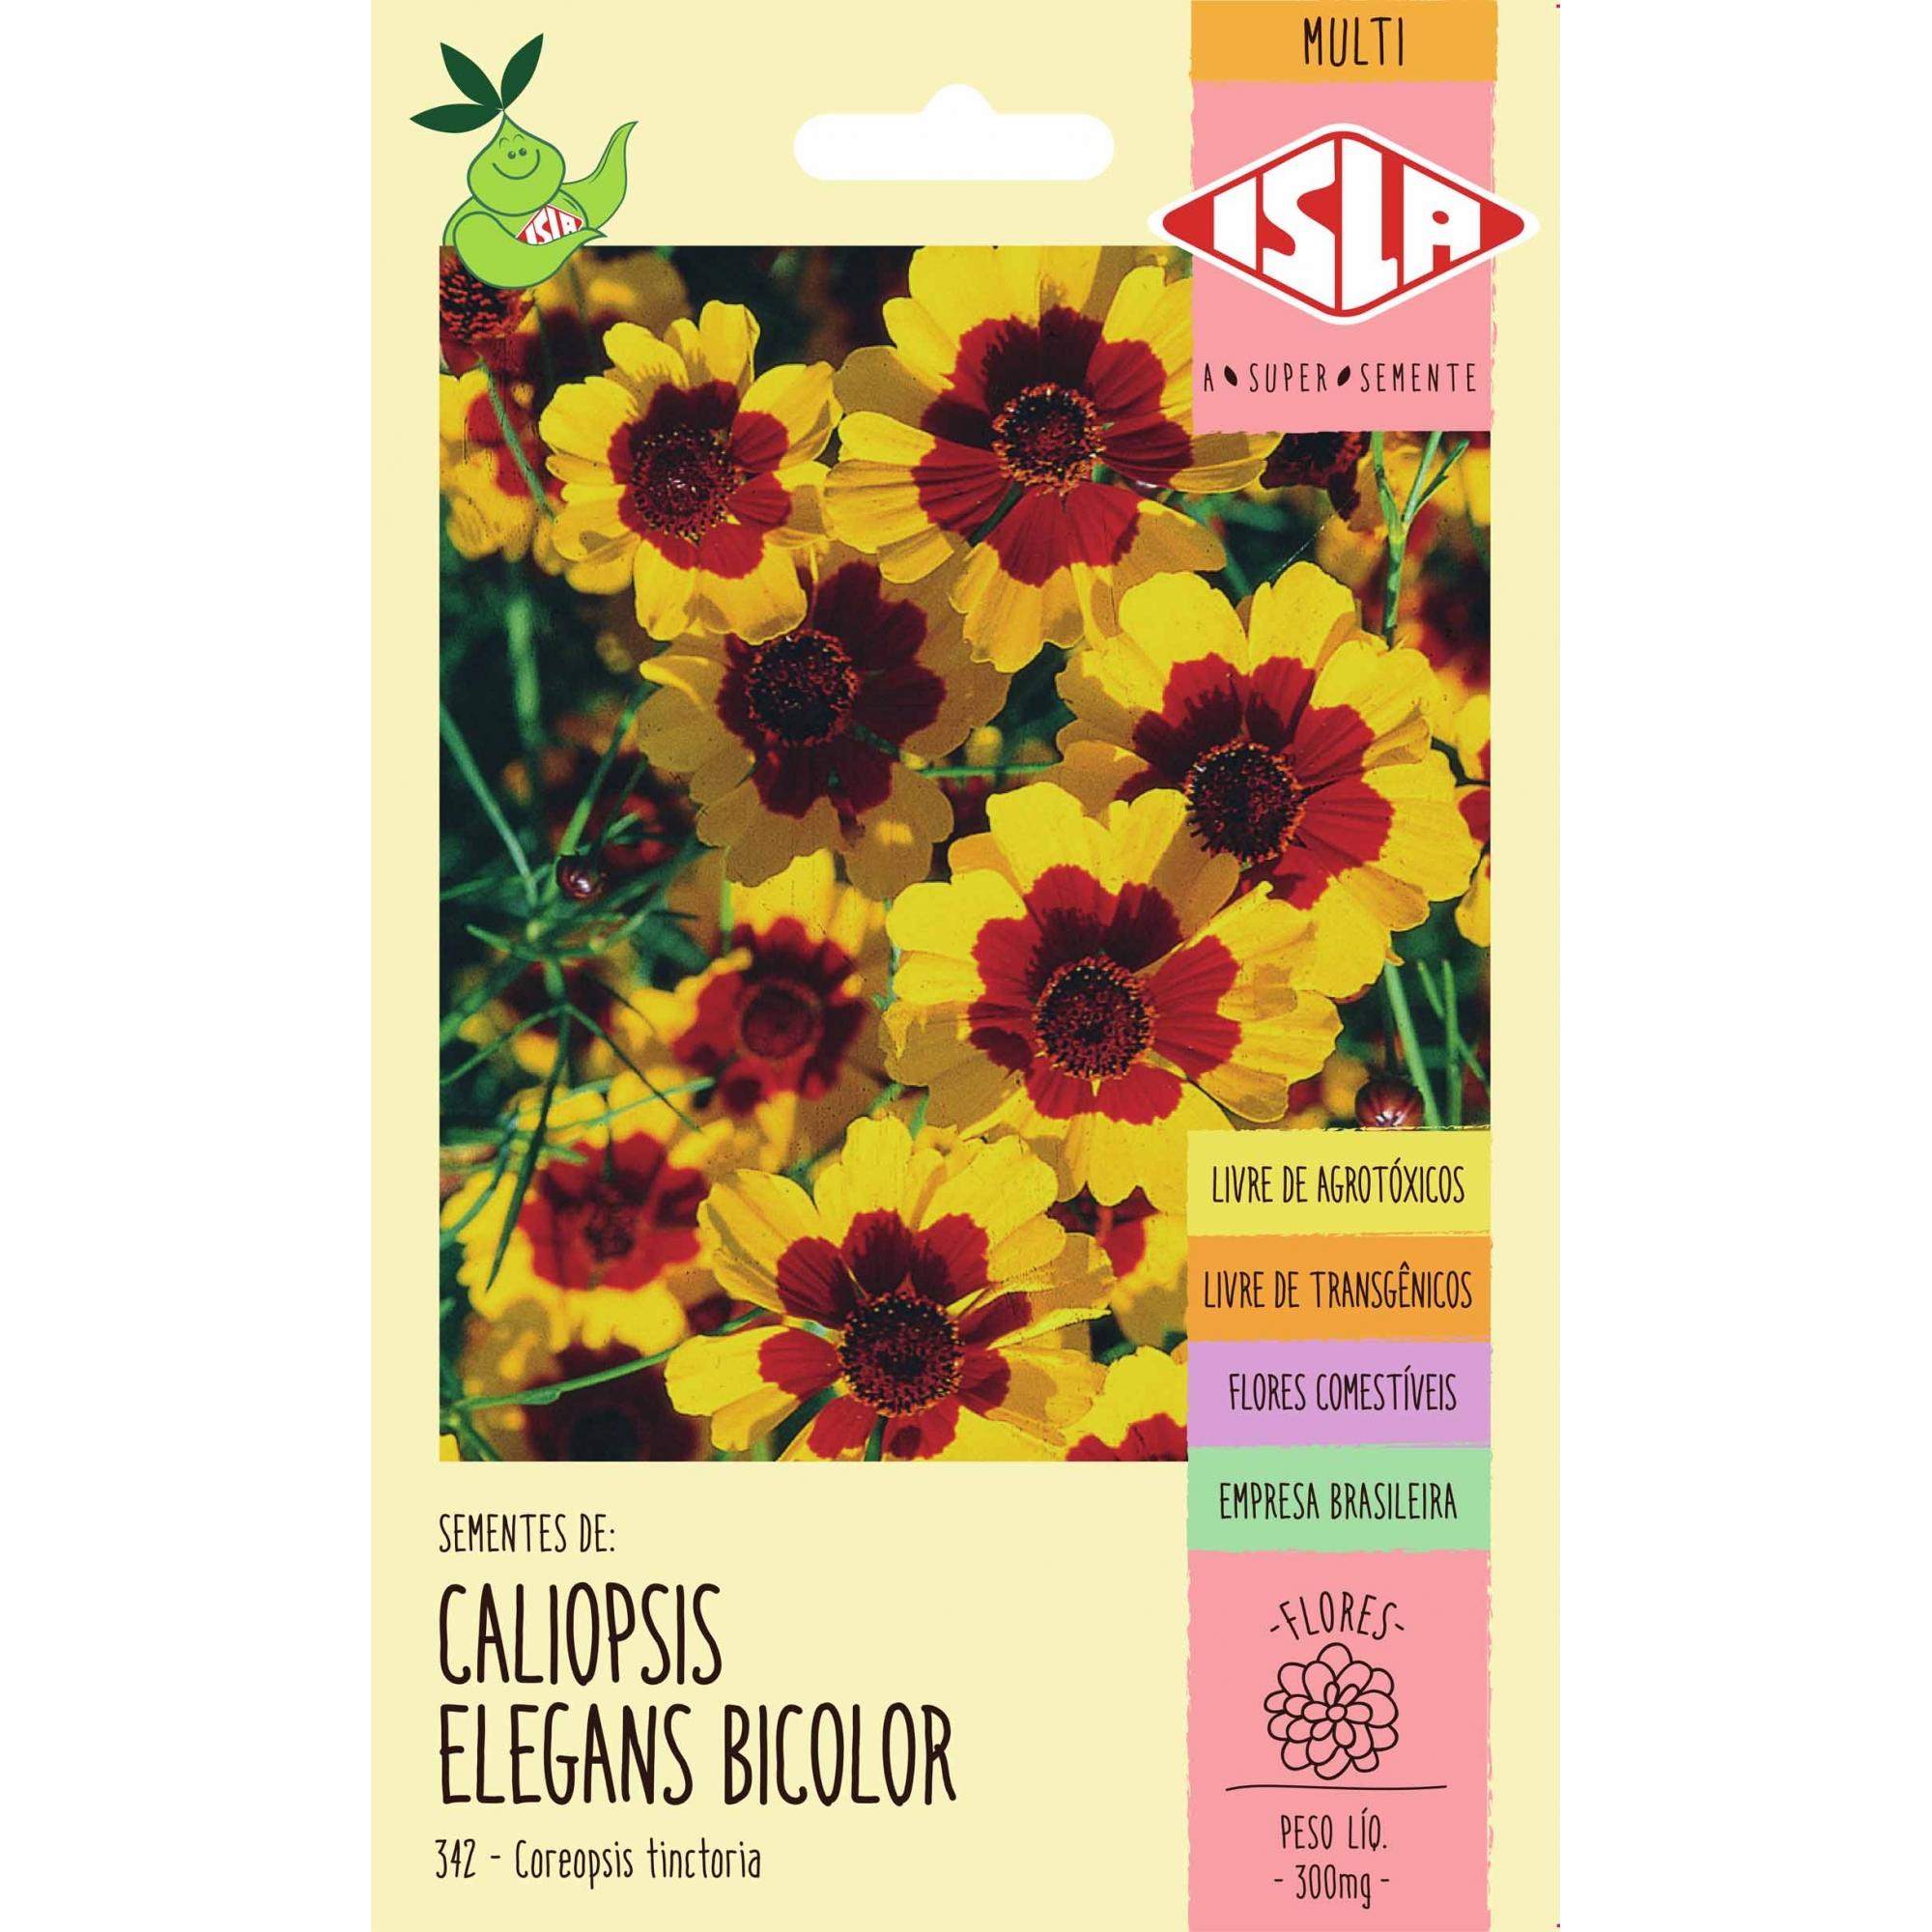 Semente de Caliopsis Elegans Bicolor - Isla Multi